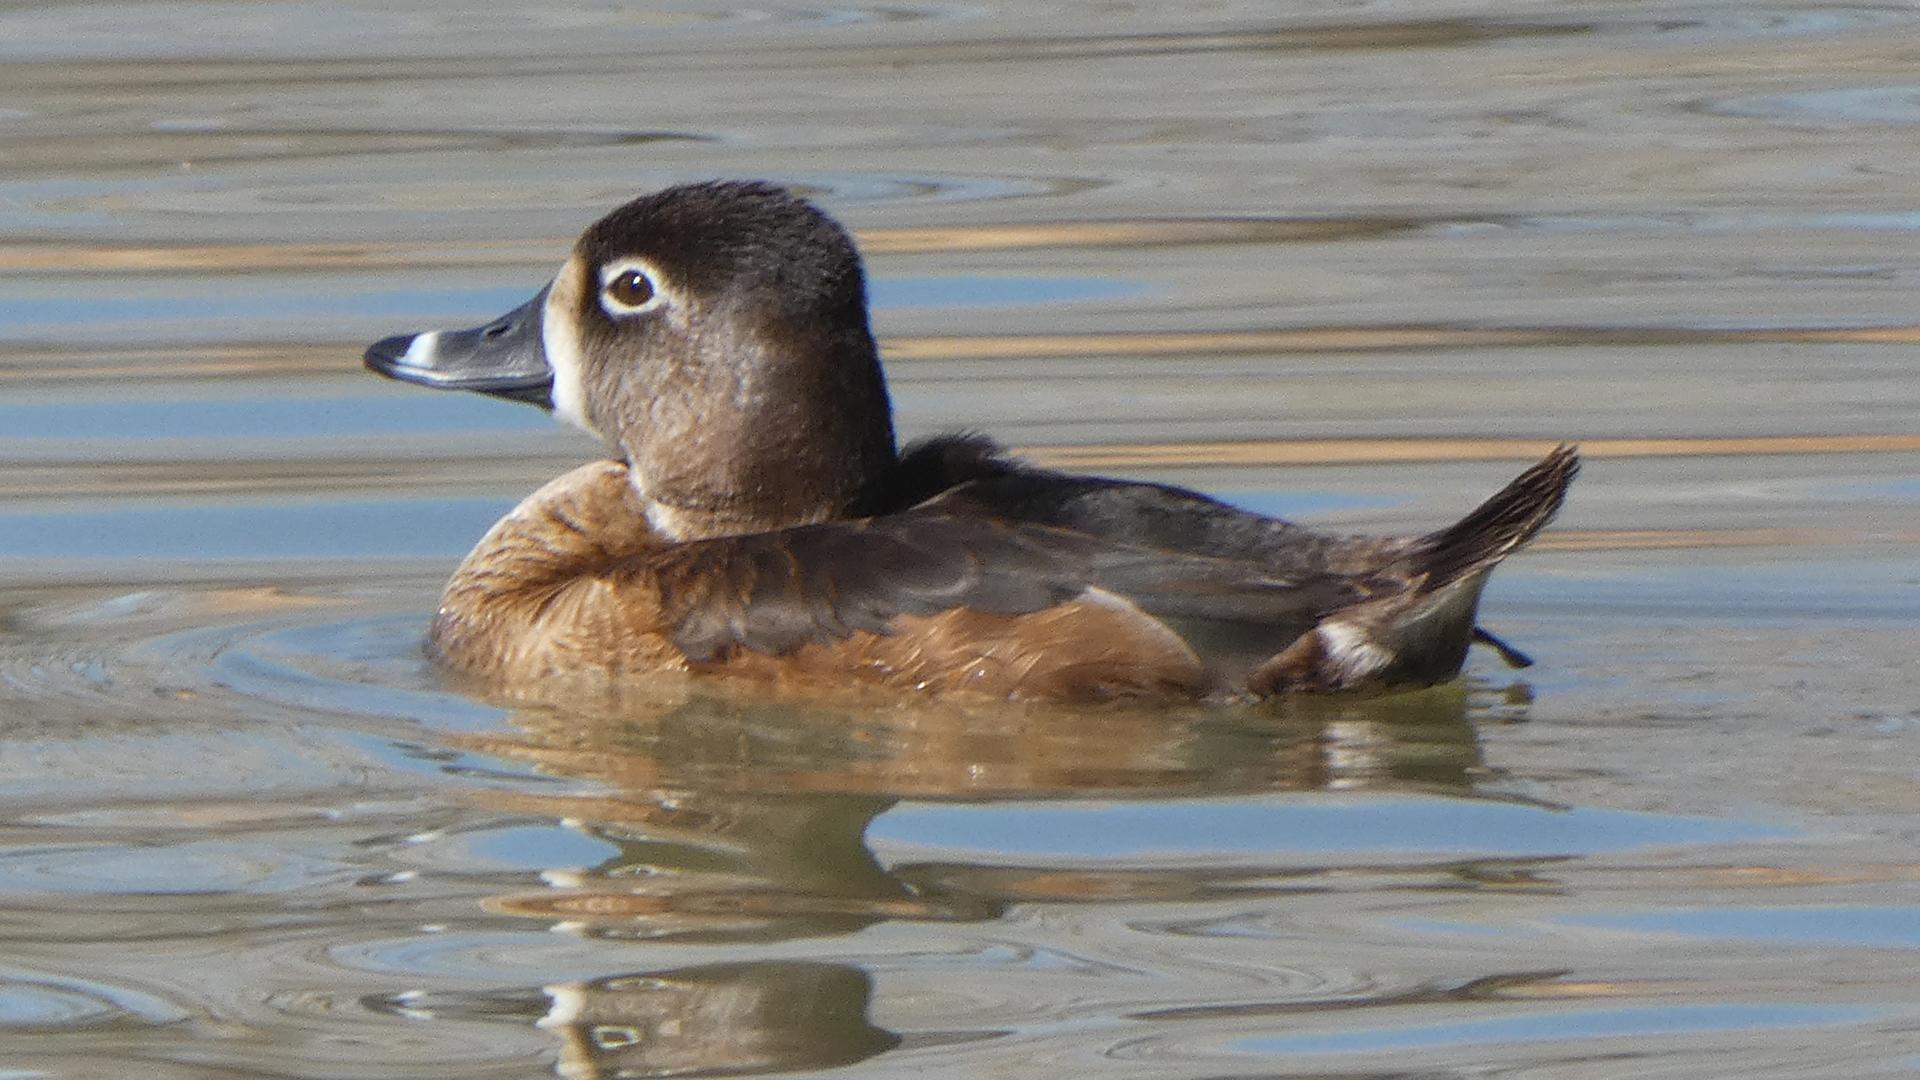 Female, Rio Grande Bosque, Albuquerque, March 2021